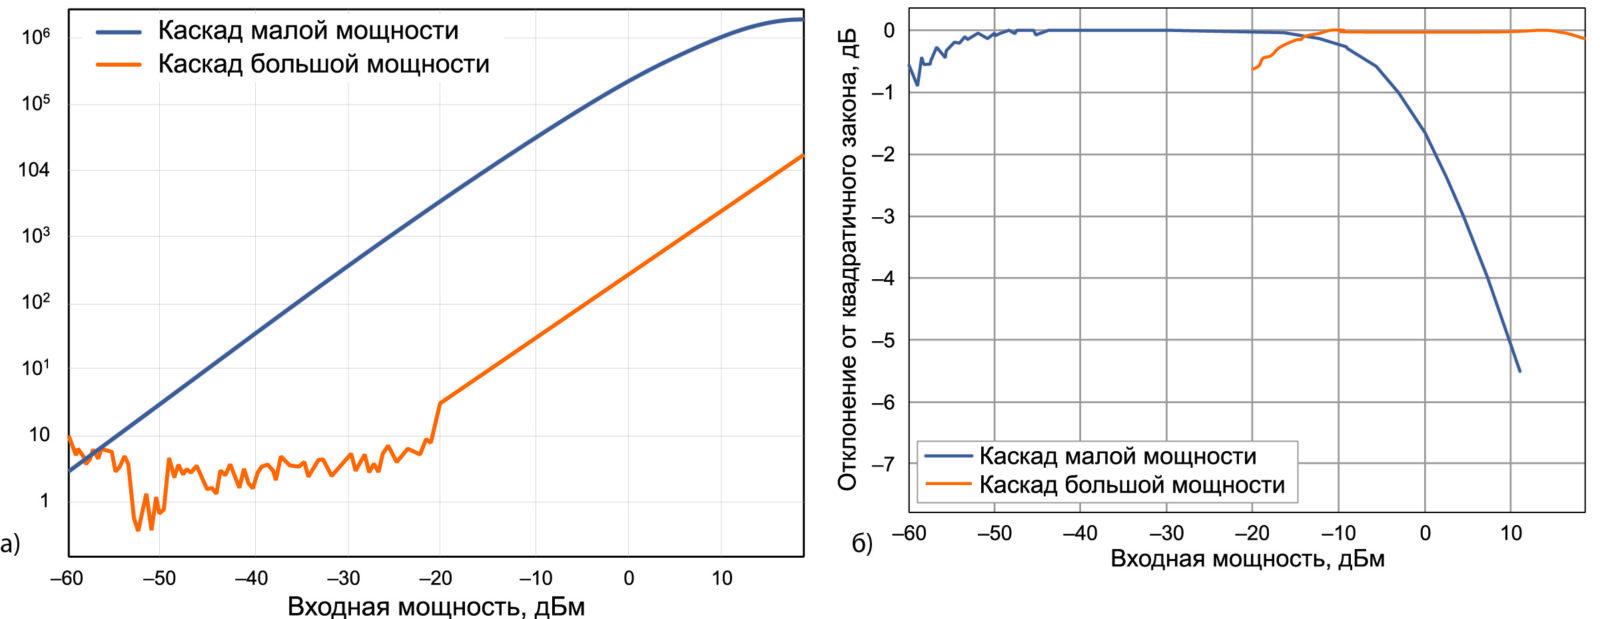 Зависимости детектируемого напряжения от уровня мощности на частоте 50 ГГц